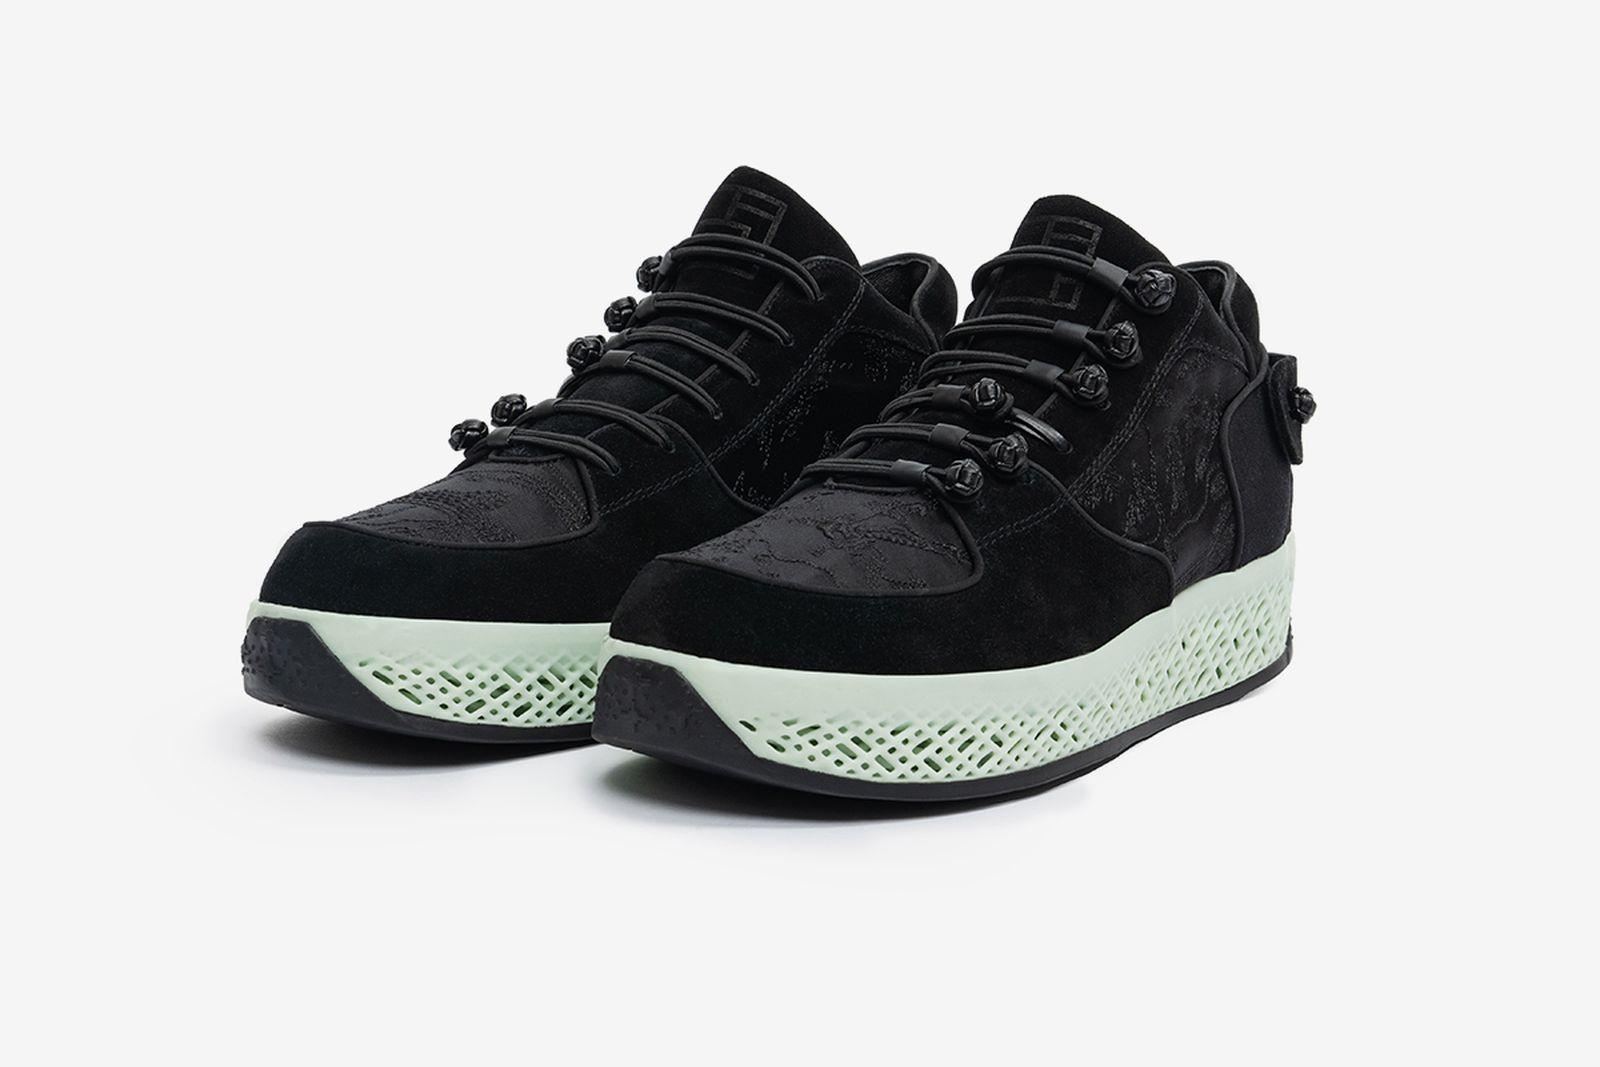 shang-zia-shuneaker-release-date-price-10